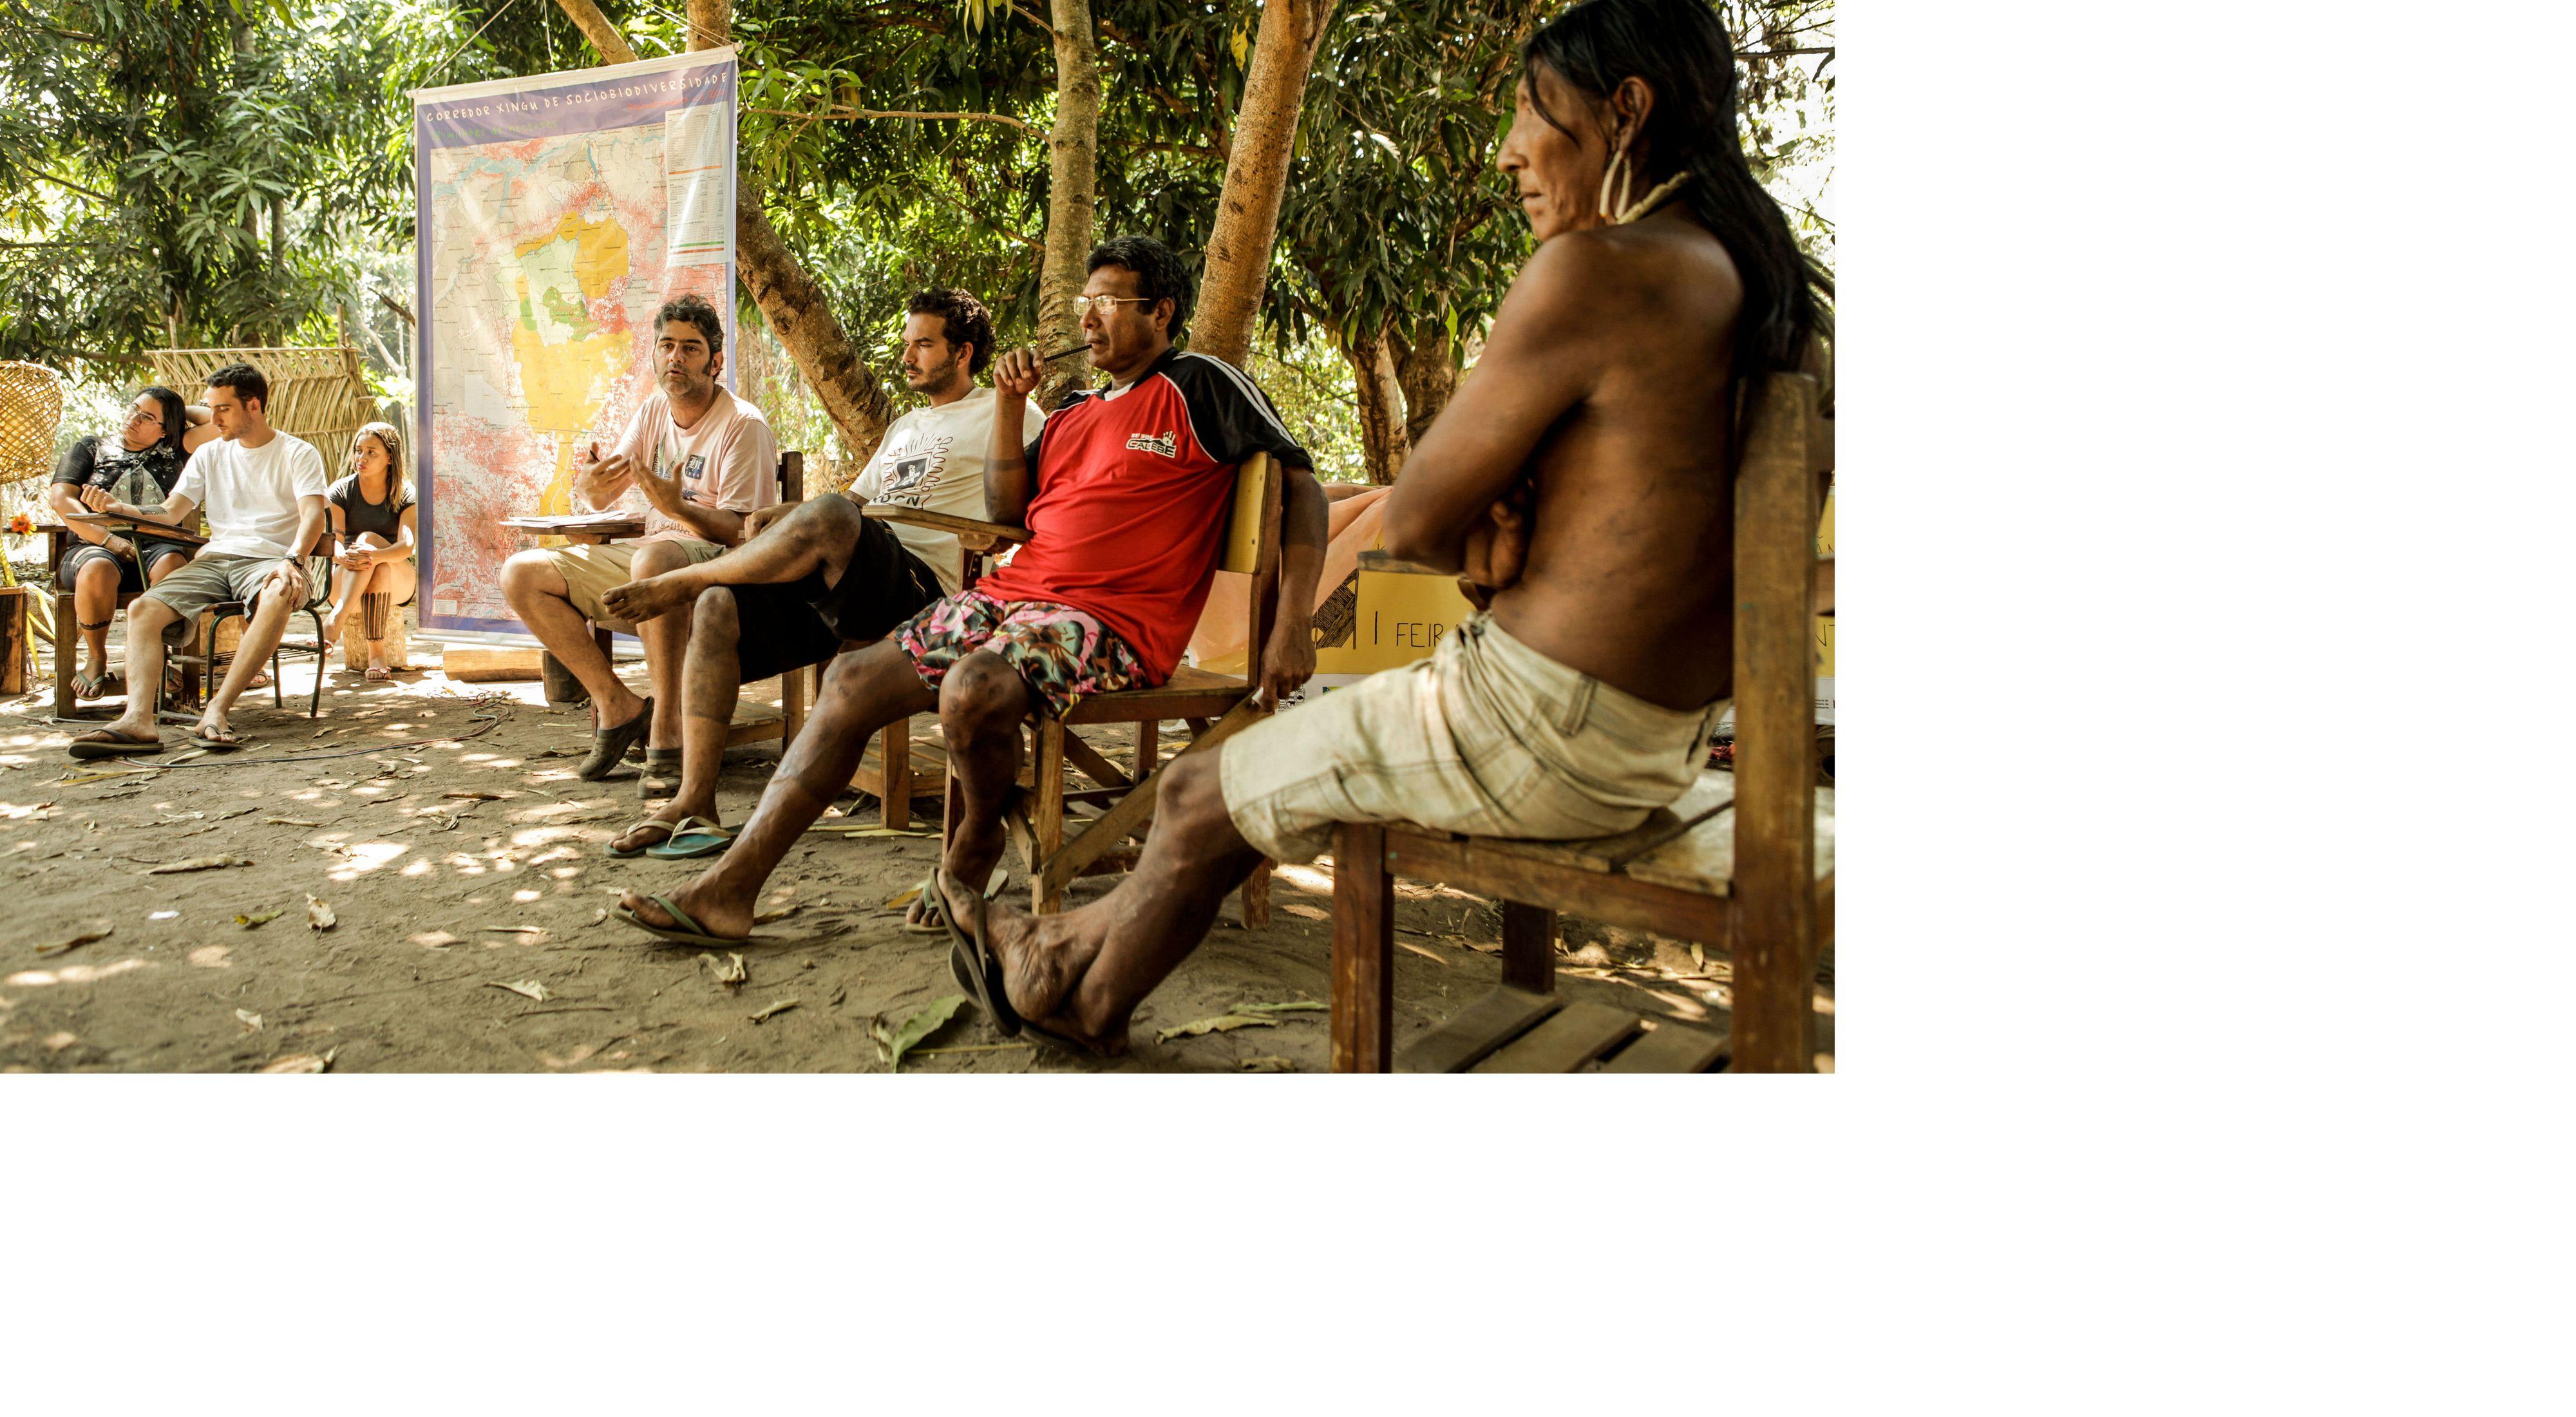 Brasil, comunidades indígenas